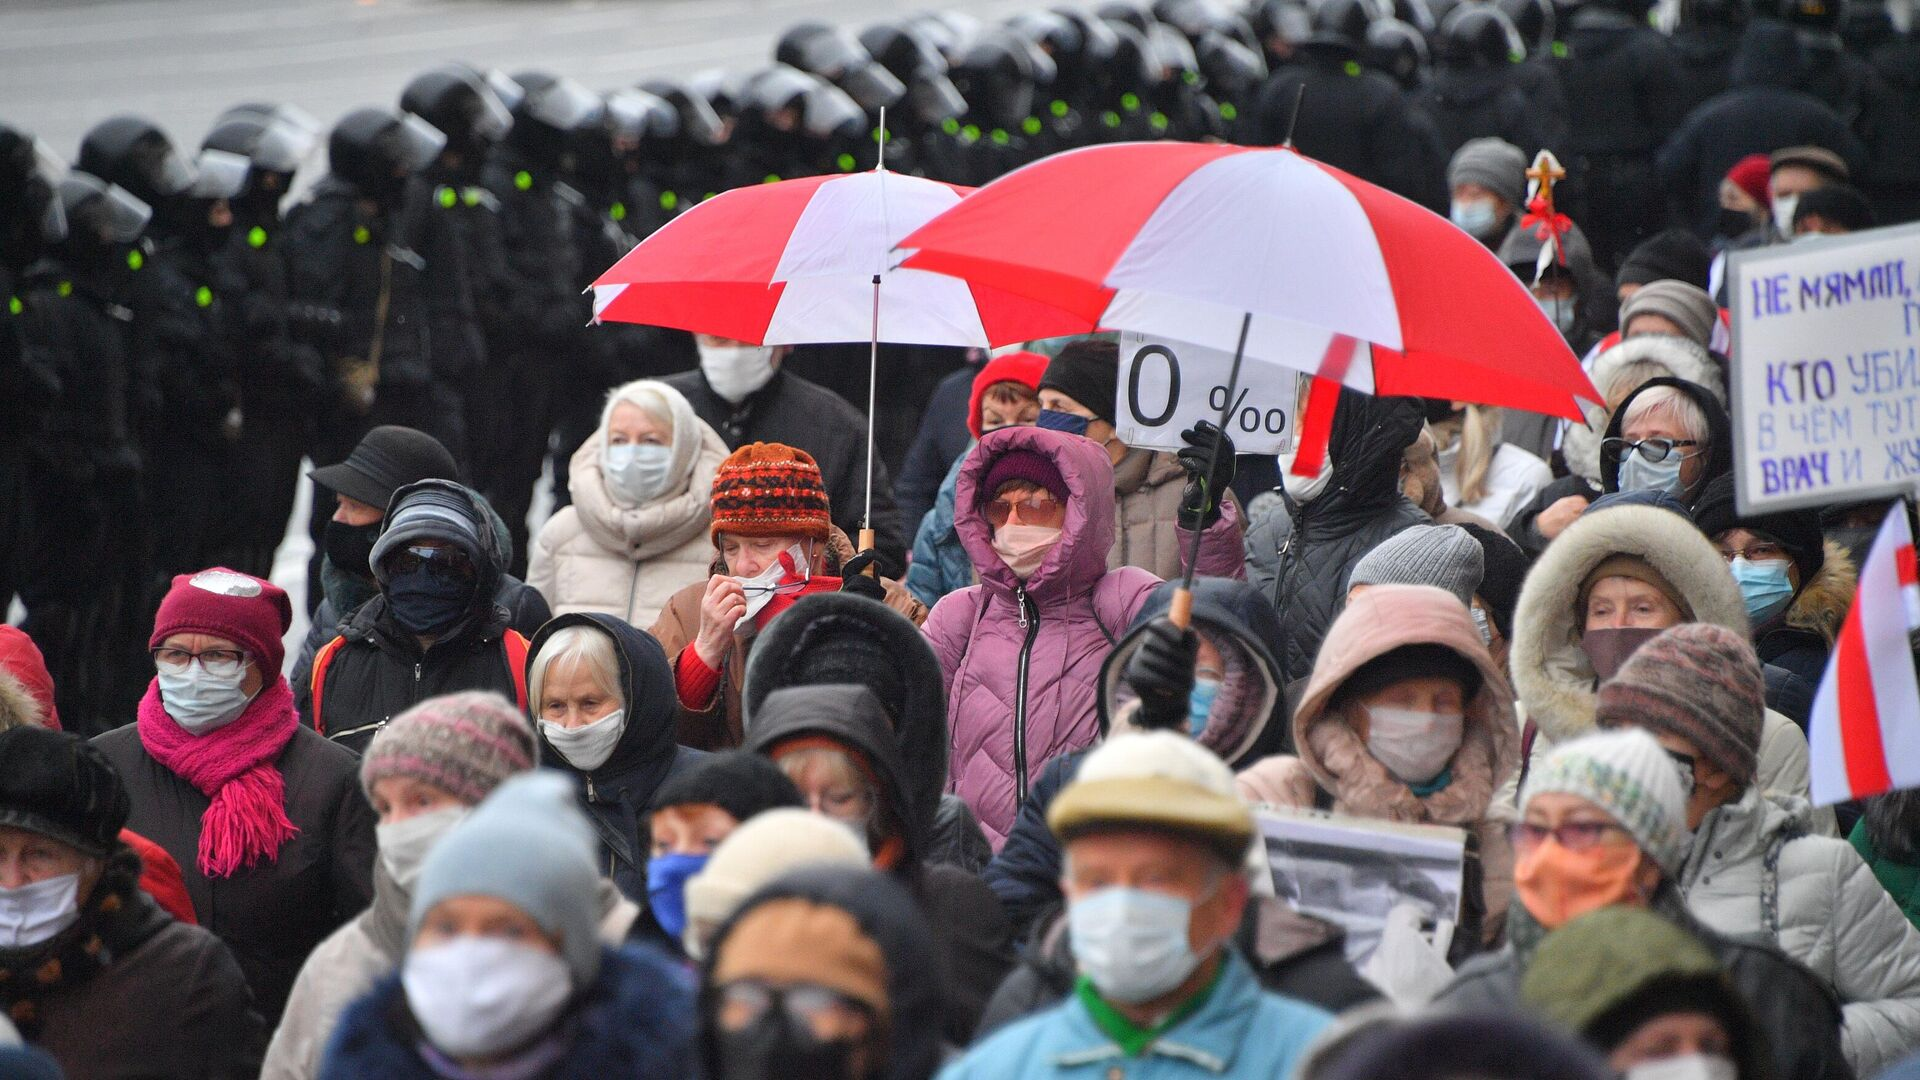 Участники акции протеста пенсионеров Марш мудрости в Минске - РИА Новости, 1920, 14.01.2021